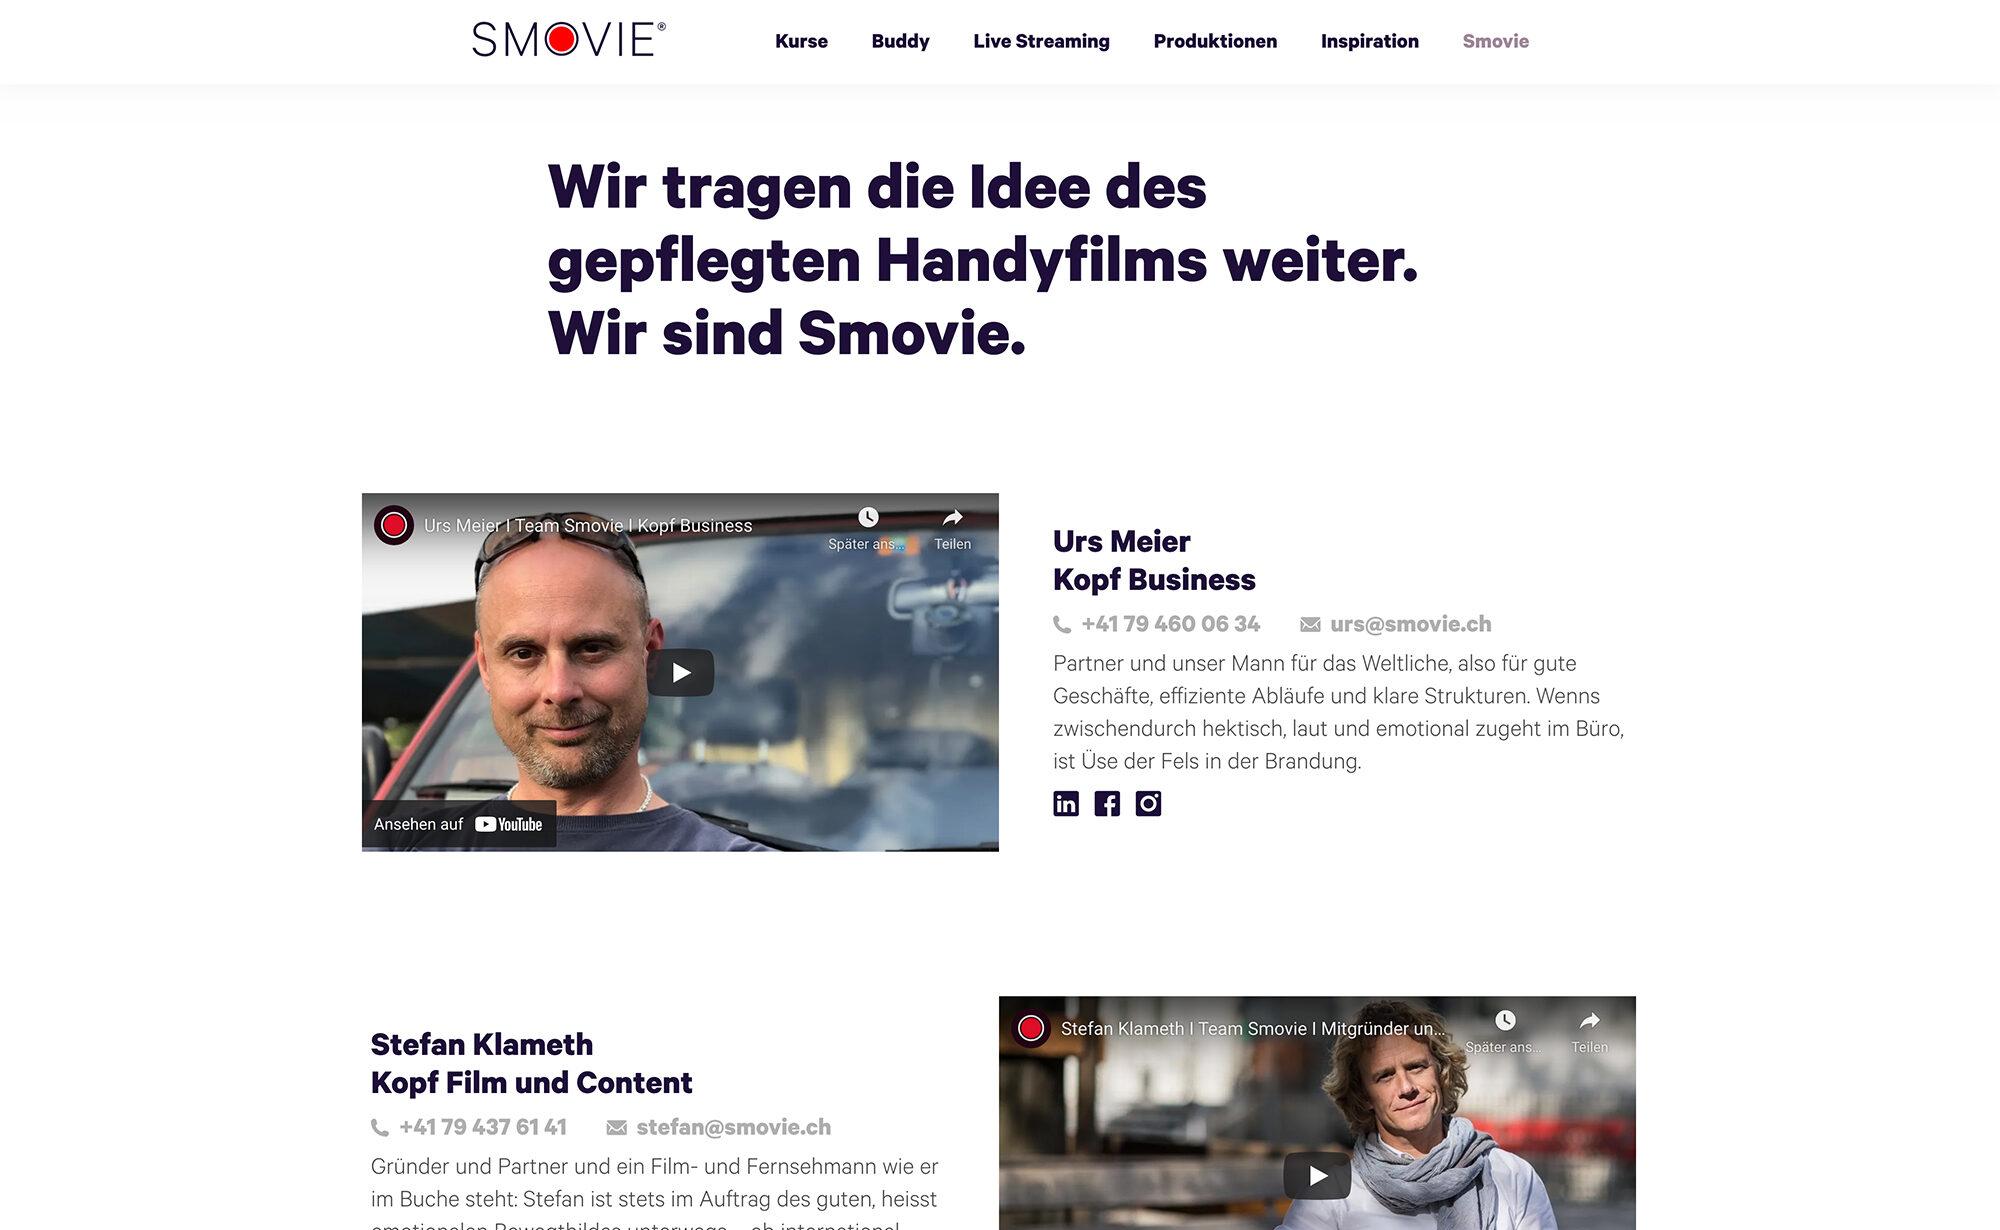 Über Smovie, Screenshot Website - Smovie Film GmbH, smovie.ch